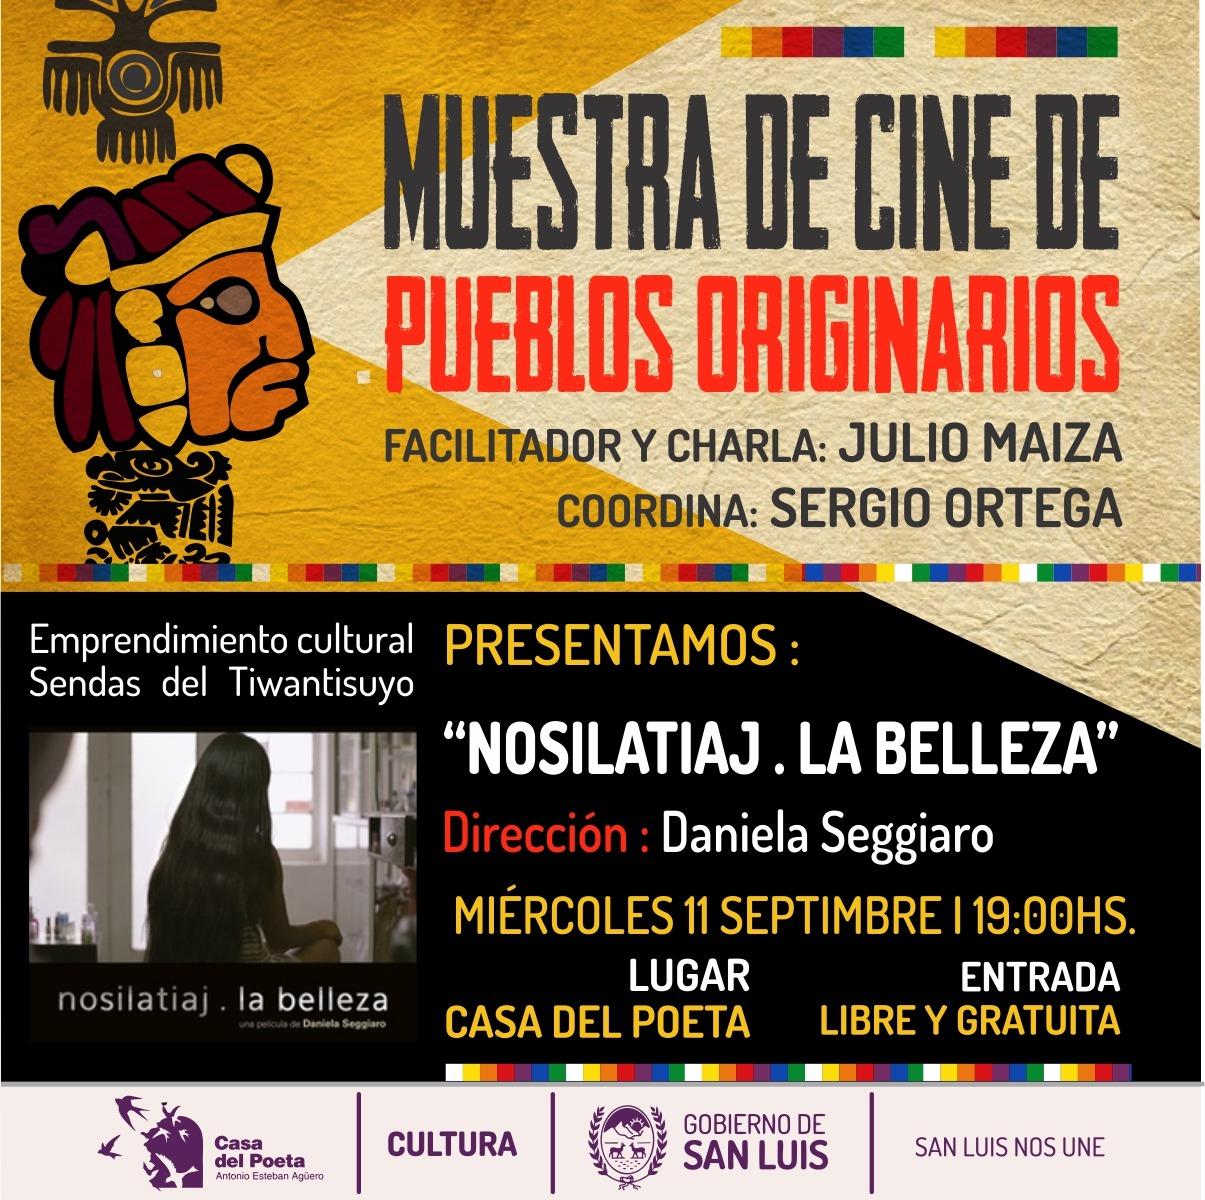 Nutrida agenda cultural en Casa del Poeta del 10 al 15 de septiembre